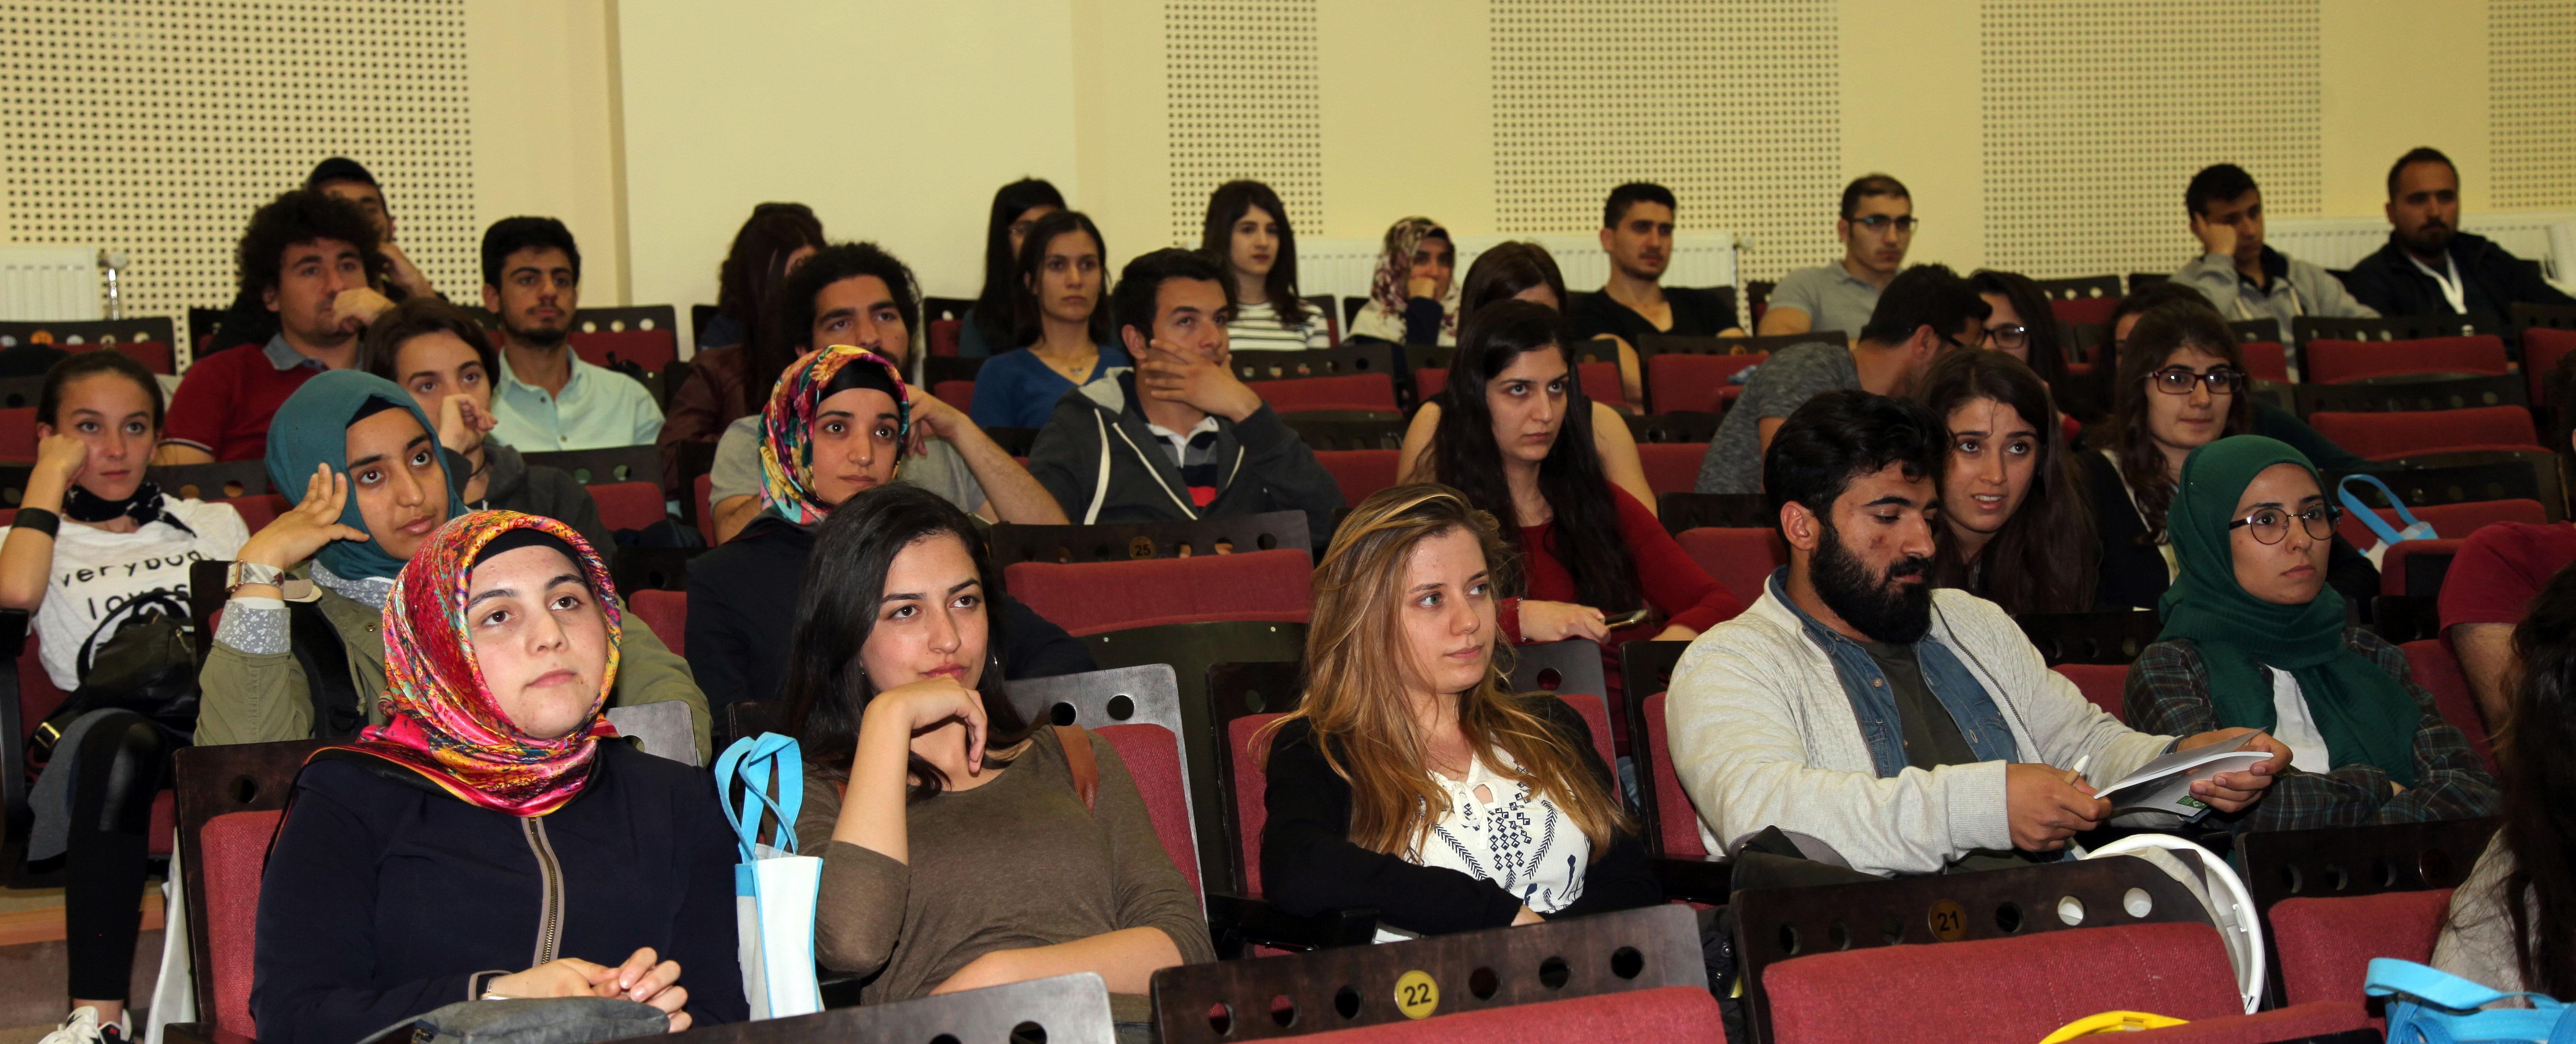 Pazarlama ve İnovasyon Müdürü Özkaynak'tan Strateji Konferansı (2)